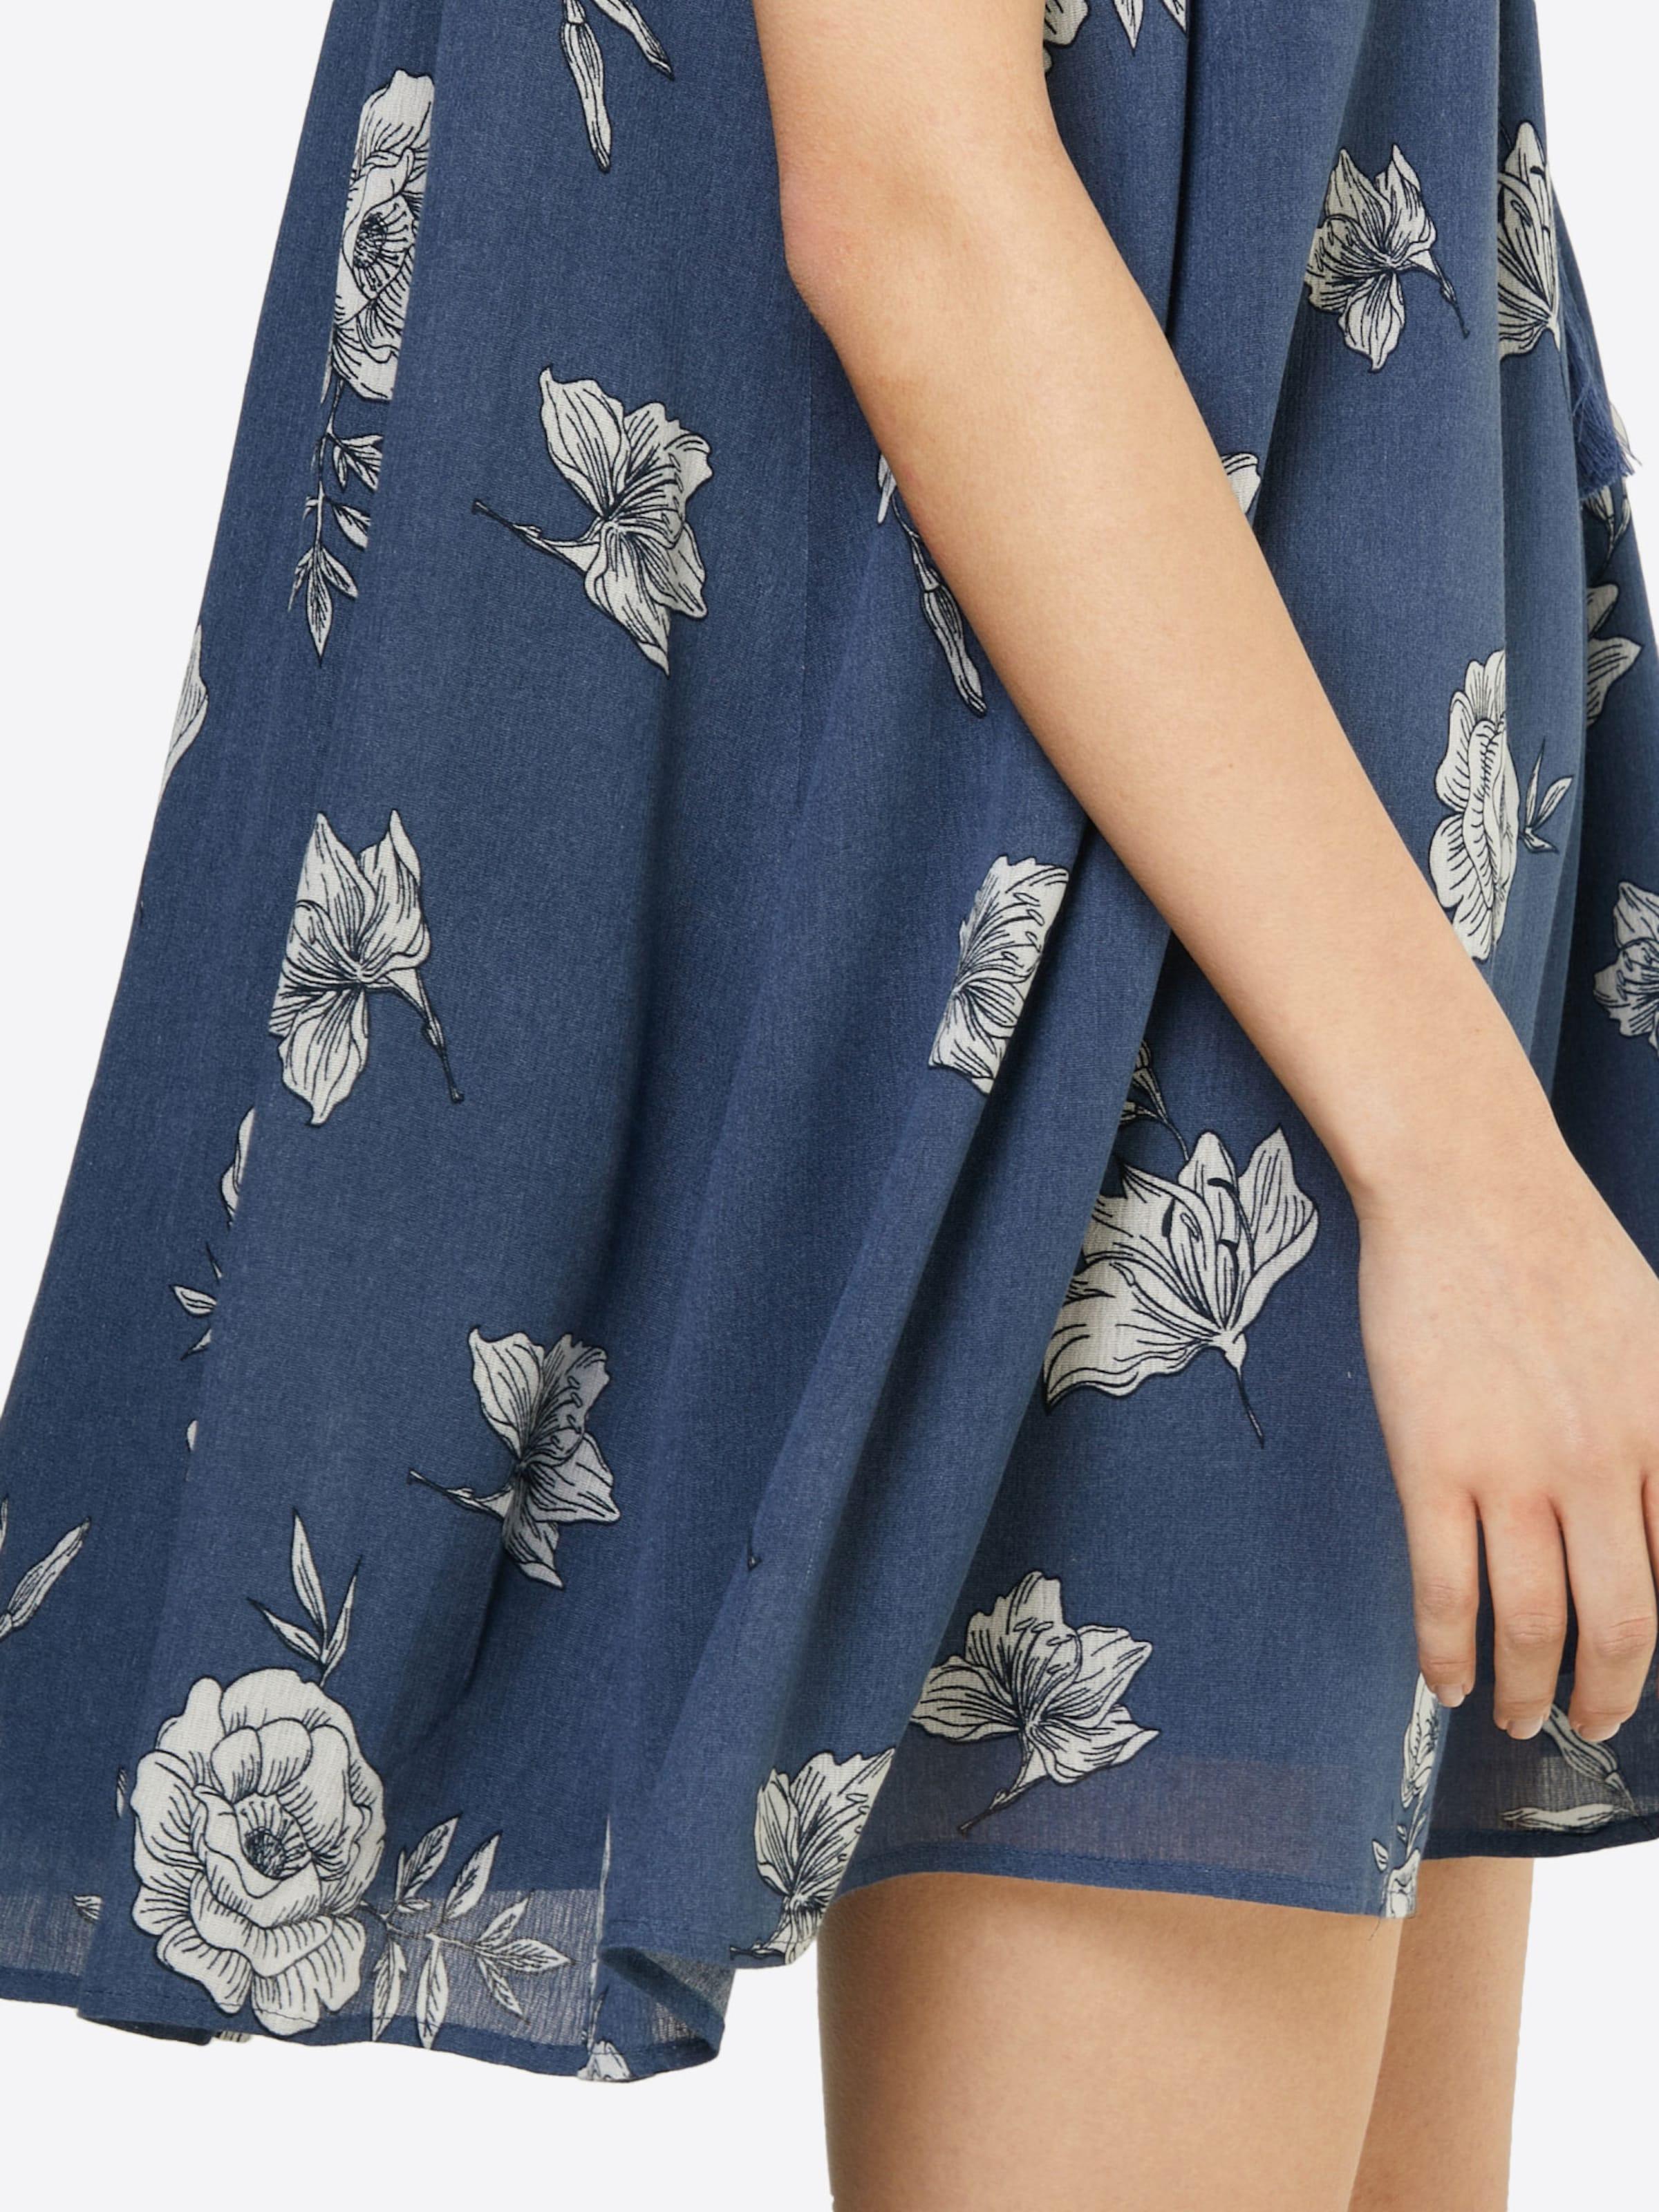 Funky Buddha Sommerliches Kleid Spielraum Spielraum Auslass-Angebote iK5yf